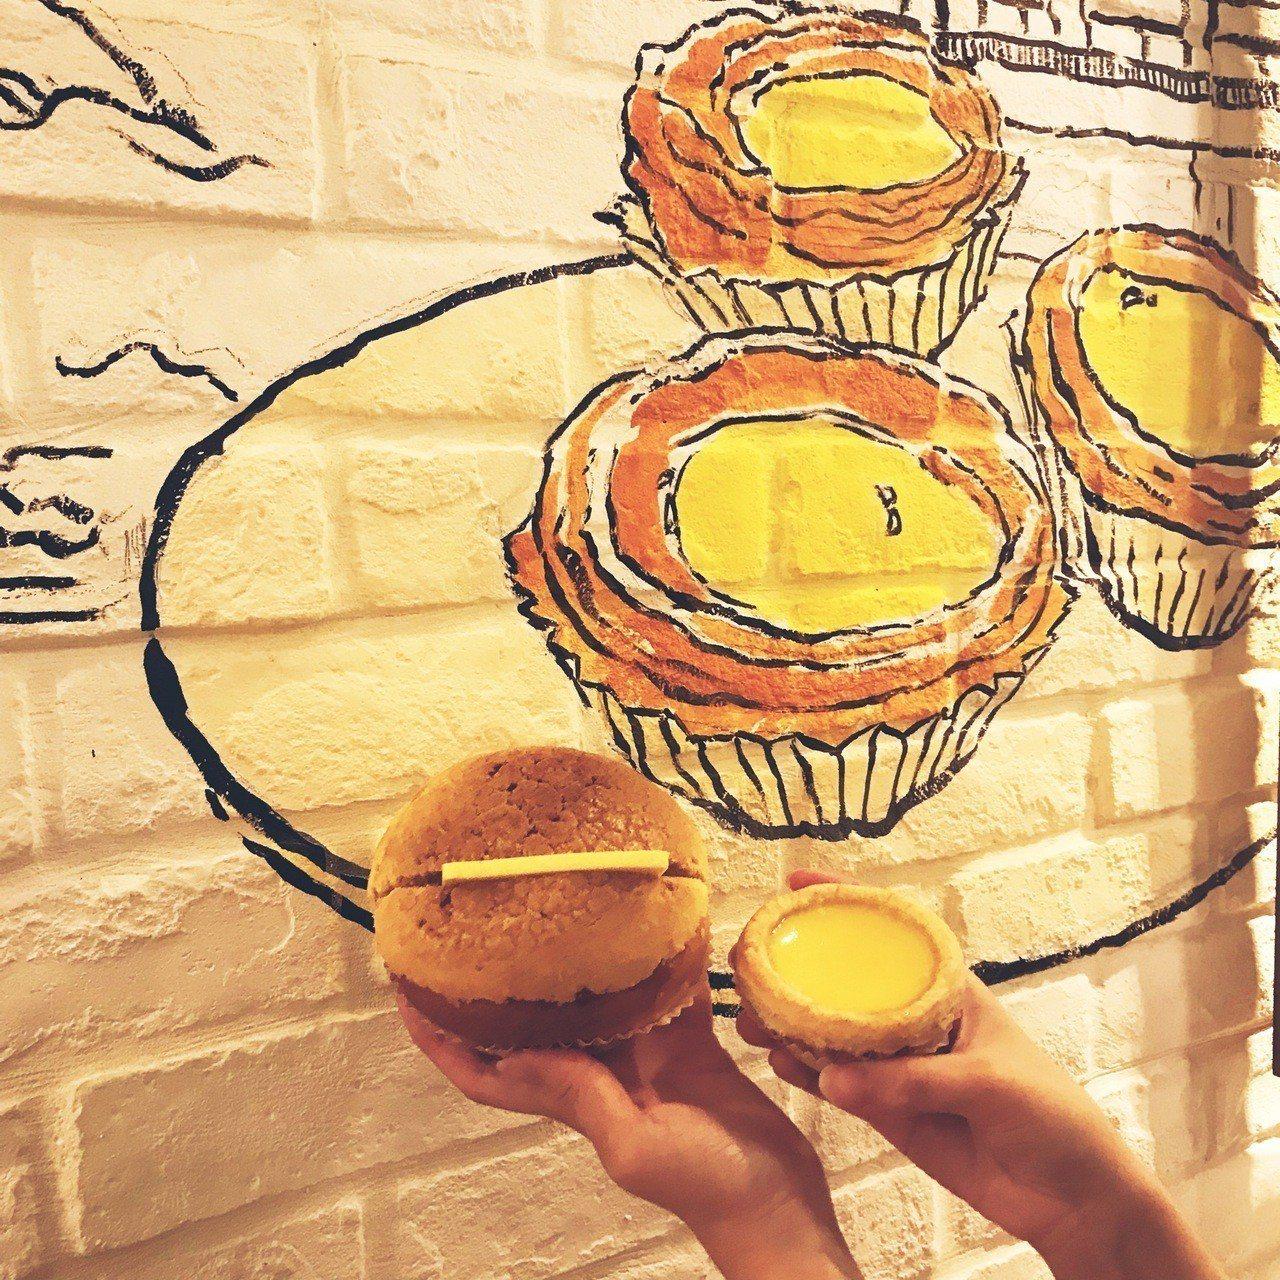 檀島香港茶餐廳進駐新光三越南西一館B1,9/13開幕前100位入店消費客人可獲得...